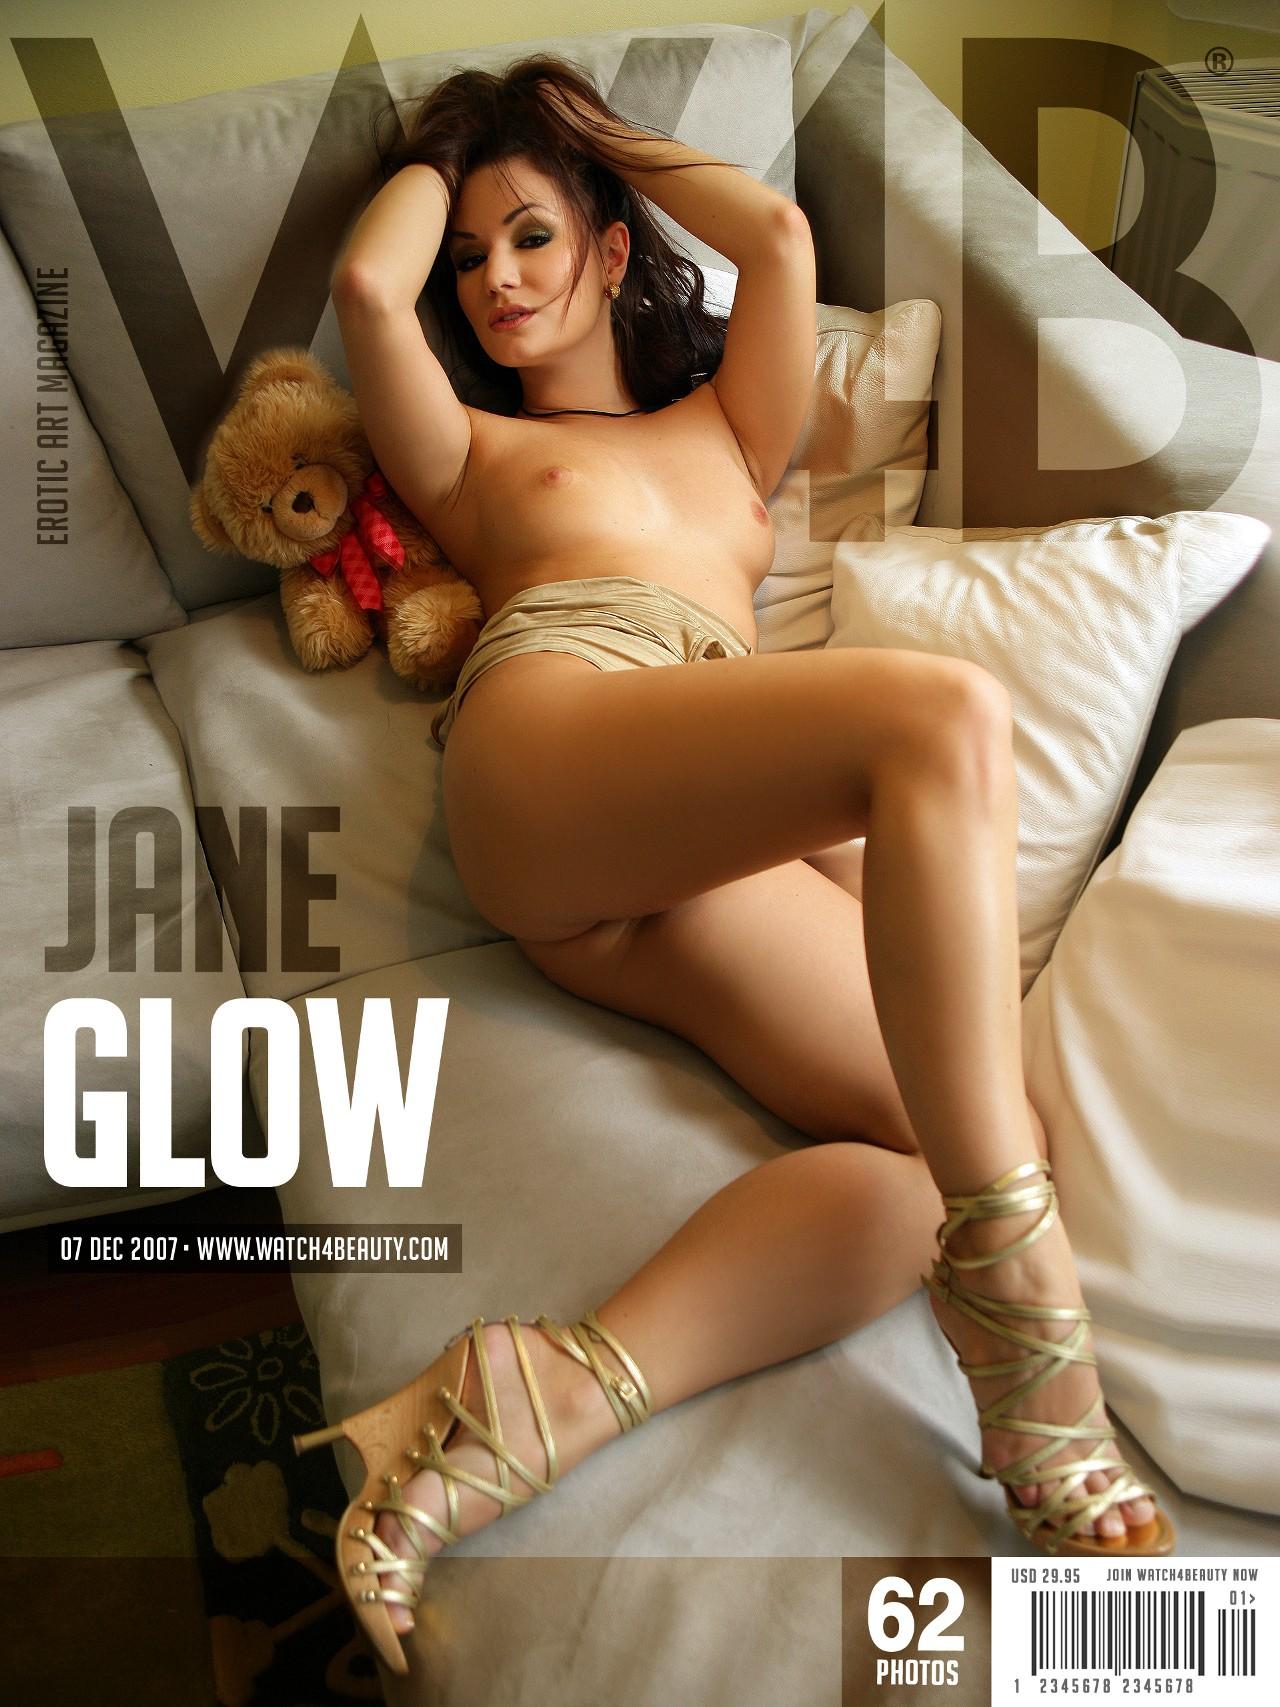 Jane: Glow